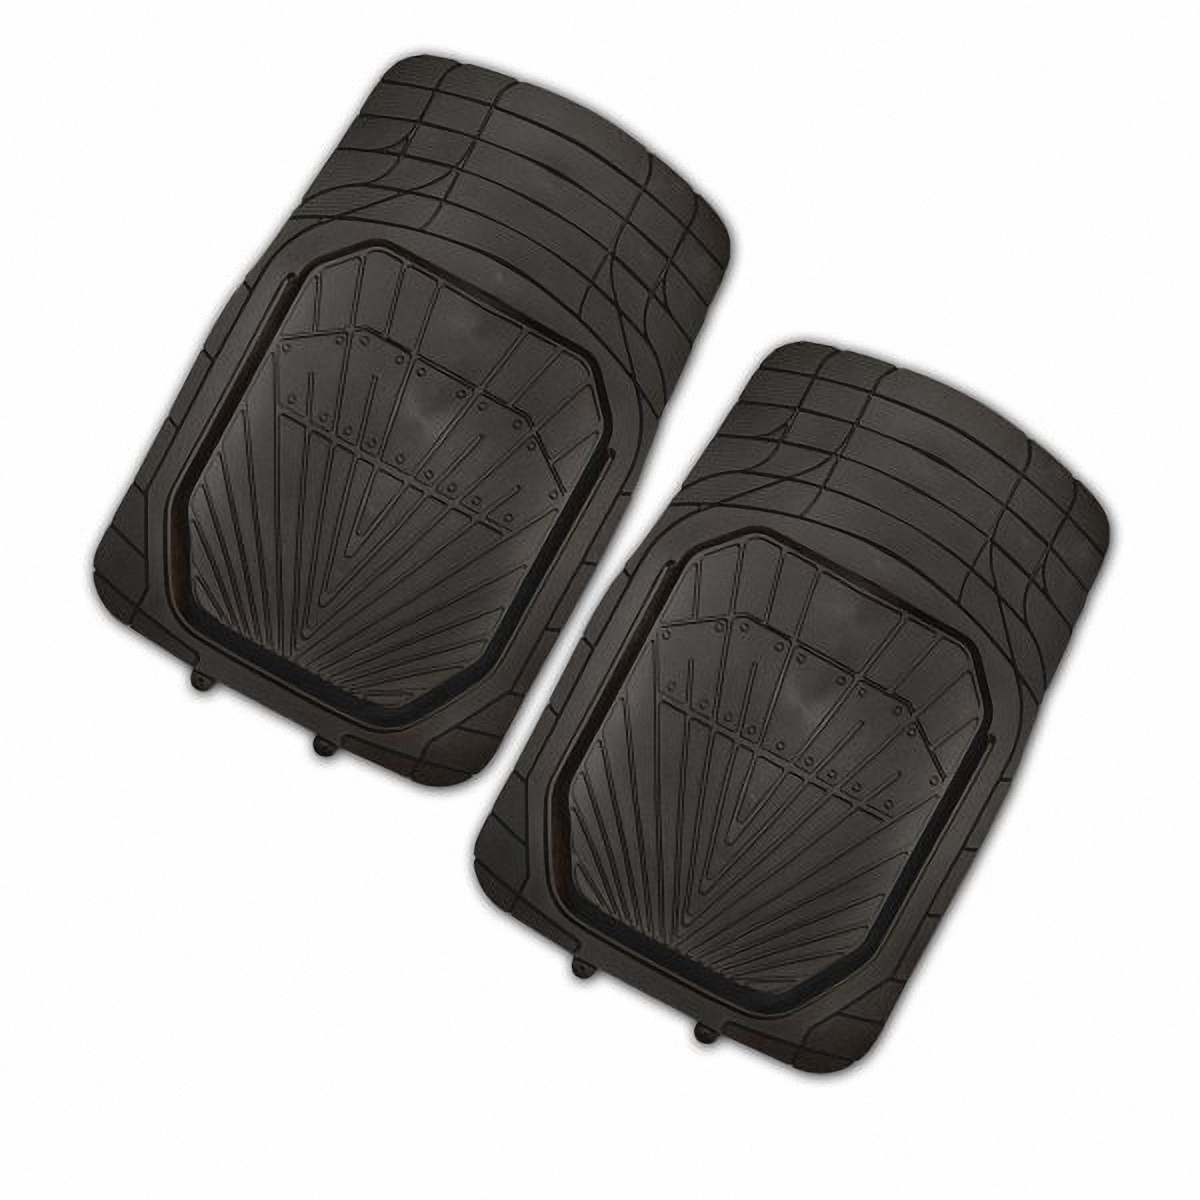 Коврик в салон автомобиля Skyway, передний, цвет: черный, 77 х 52 см, 2 штFS-80423Комплект универсальных передних ковриков салона в форме ванночки сохраняет эластичность даже при экстремально низких и высоких температурах (от -50°С до +50°С). Обладает повышенной устойчивостью к износу и агрессивным средам, таким как антигололёдные реагенты, масло и топливо. Усовершенствованная конструкция изделия обеспечивает плотное прилегание и надёжную фиксацию коврика на полу автомобиля.Размер: 77 х 52 см.Комплектация: 2 шт.